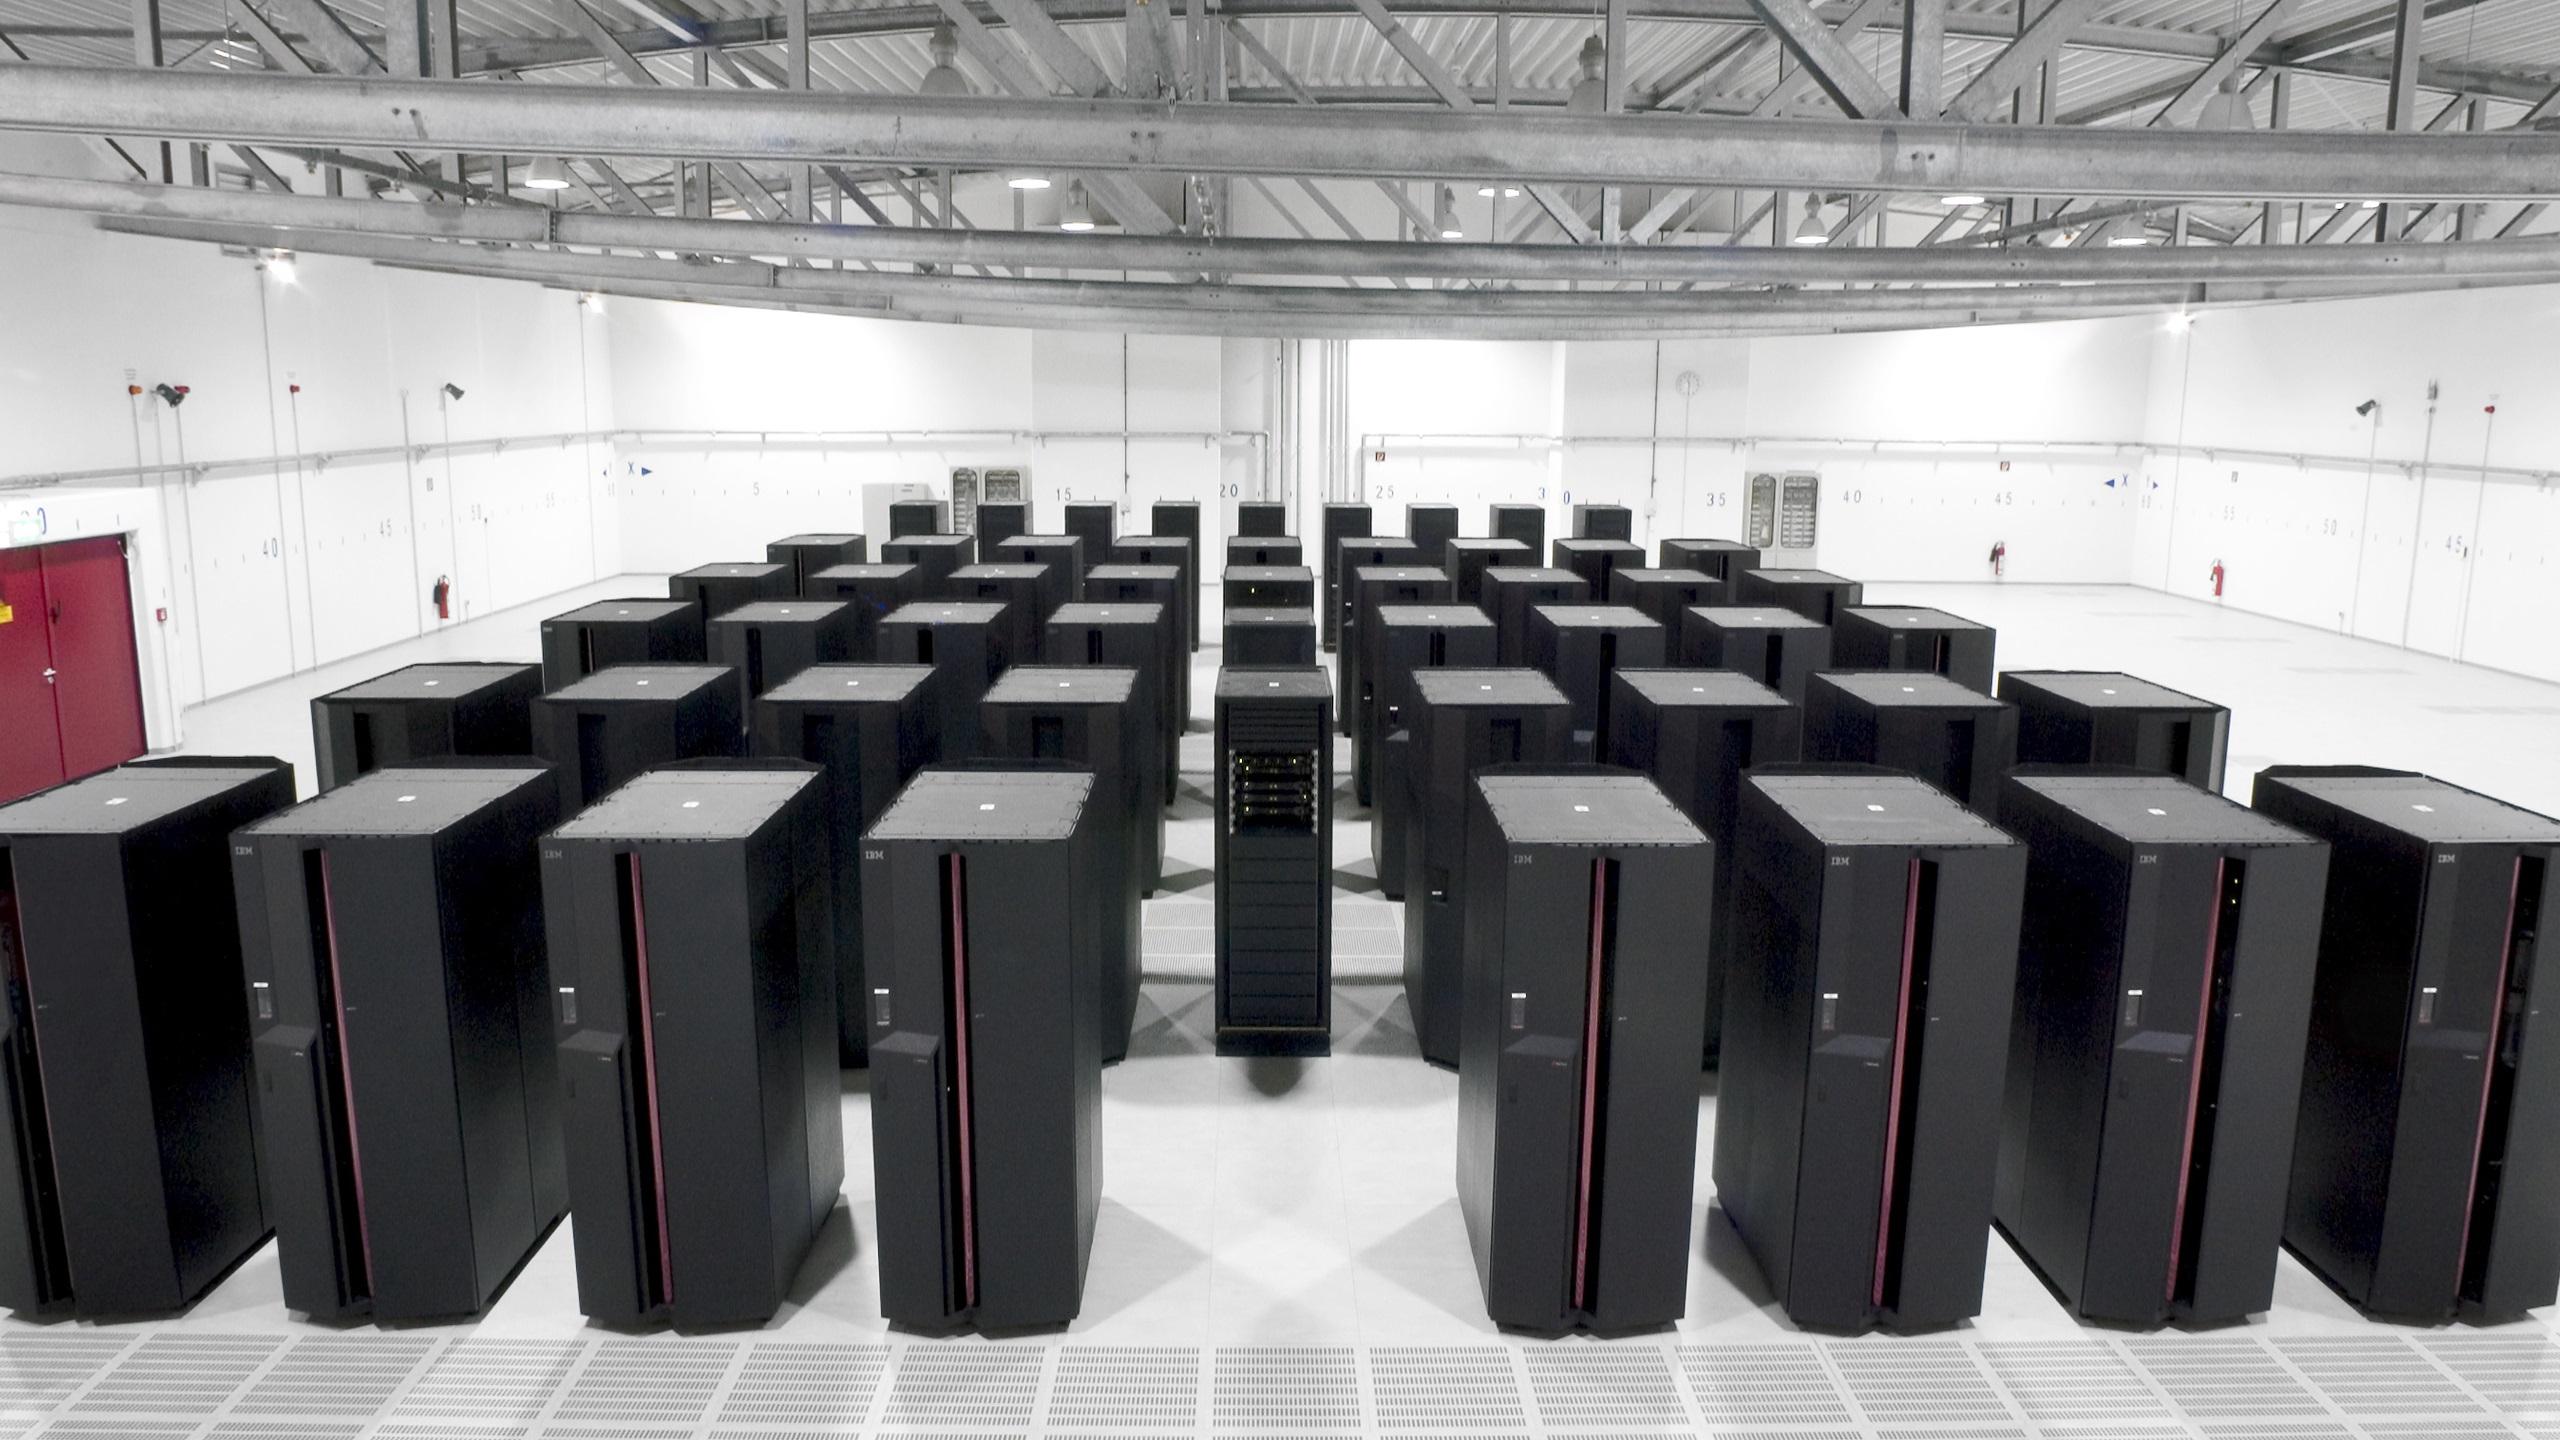 壁紙 Ibmのスーパーコンピュータ 2560x1440 Qhd 無料のデスクトップの